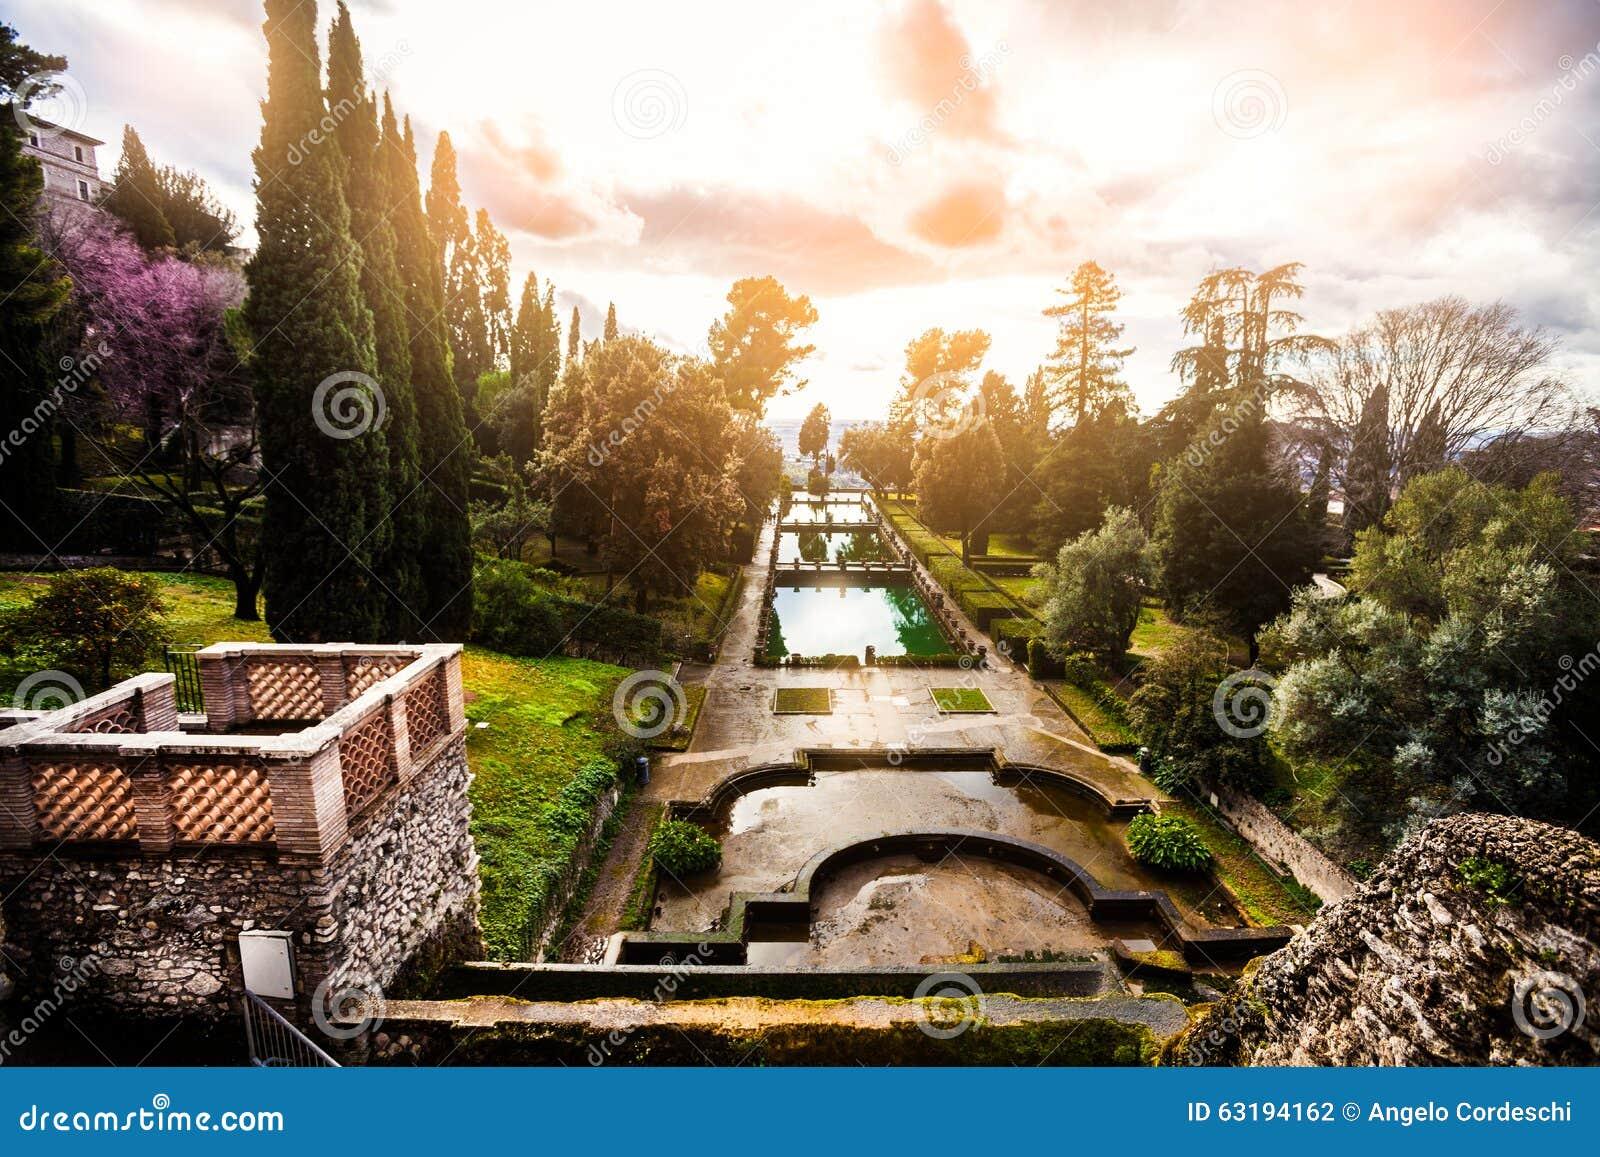 Paysage fabuleux jardins et fontaines jardin italien de for Architecture des jardins et du paysage